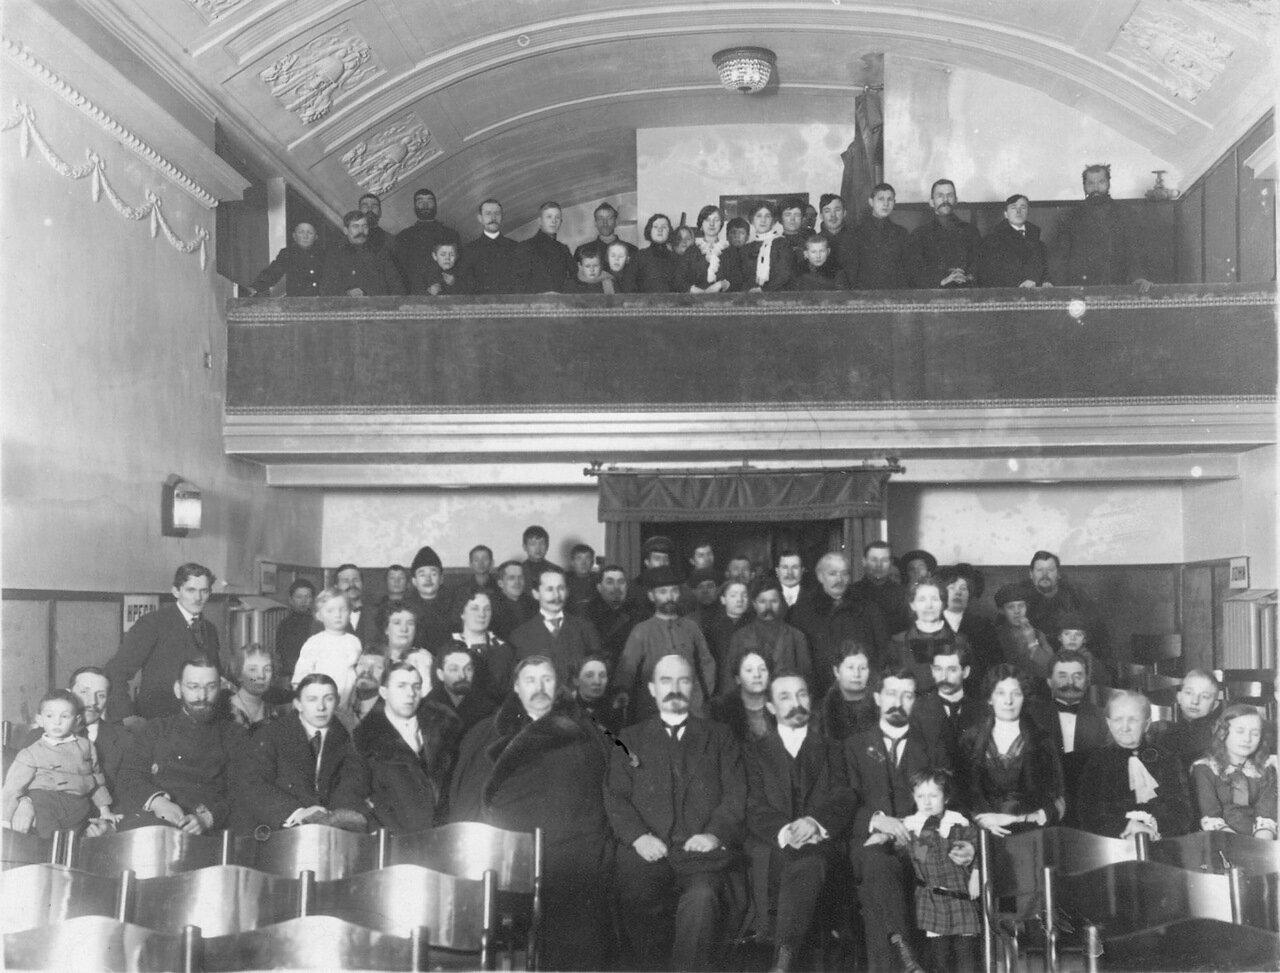 Кинематограф «Аргус» (Невский проспект, 55). 01.Группа зрителей в зале кинематографа «Аргус». 1913